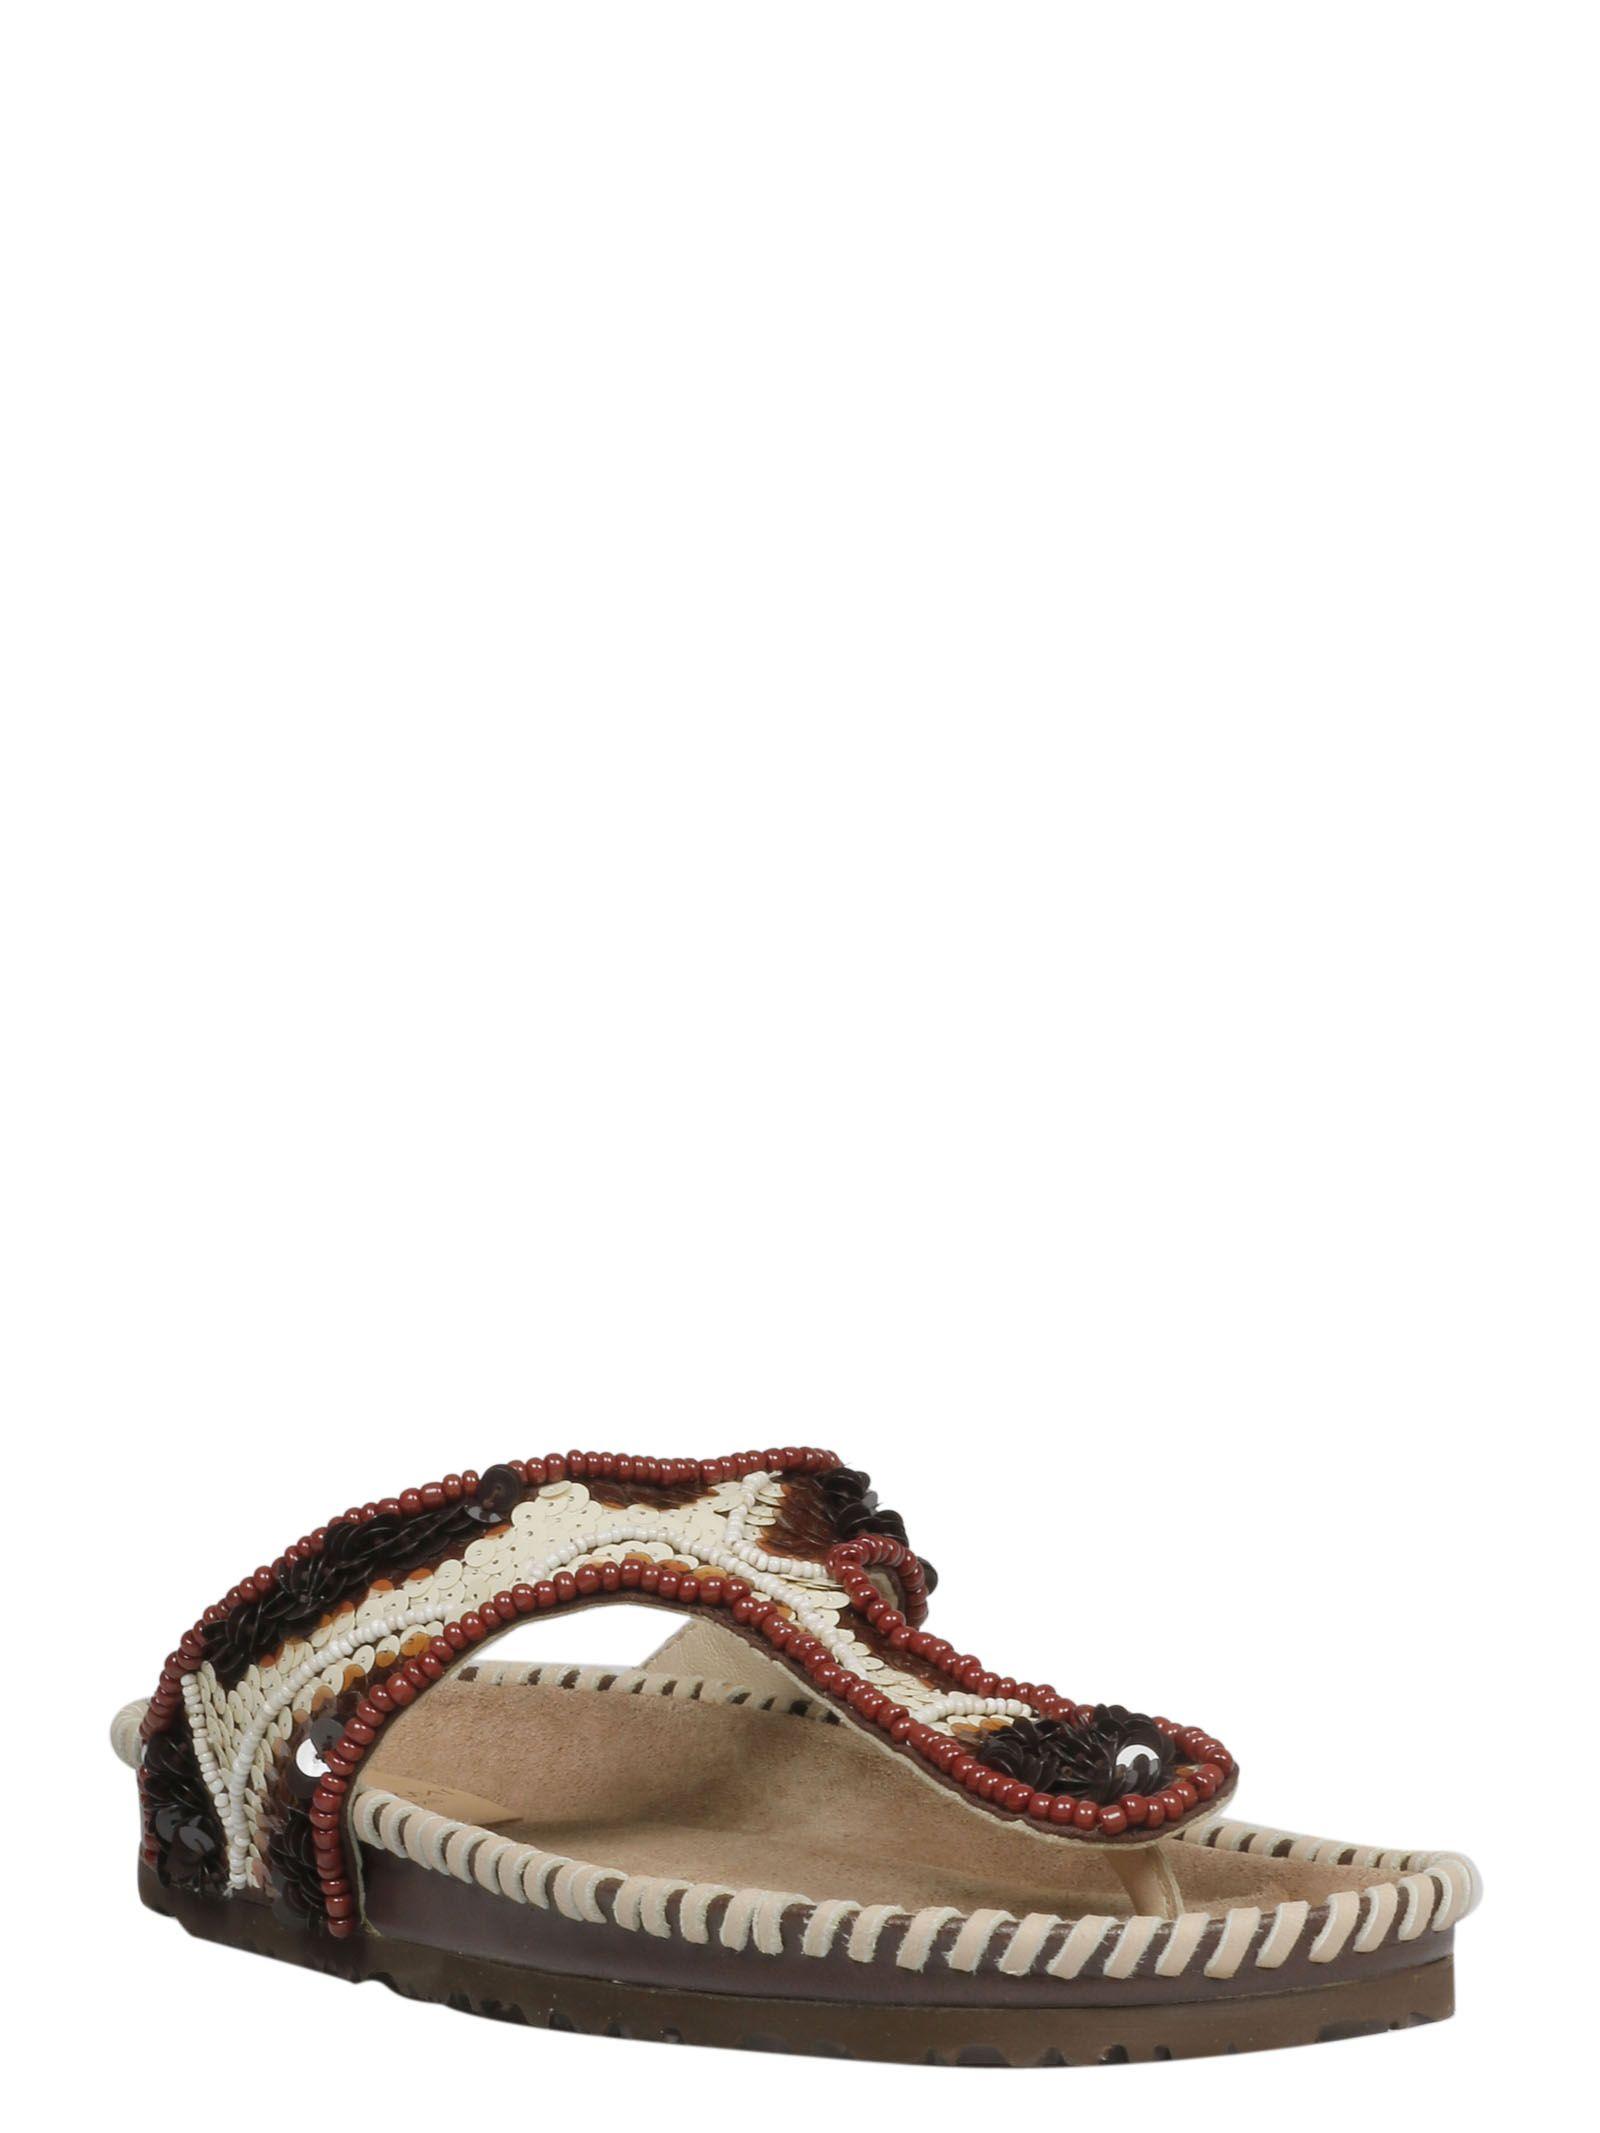 ebcae45d3b635 Malìparmi Maliparmi Beaded Sandals - Basic Malìparmi Maliparmi Beaded  Sandals - Basic ...